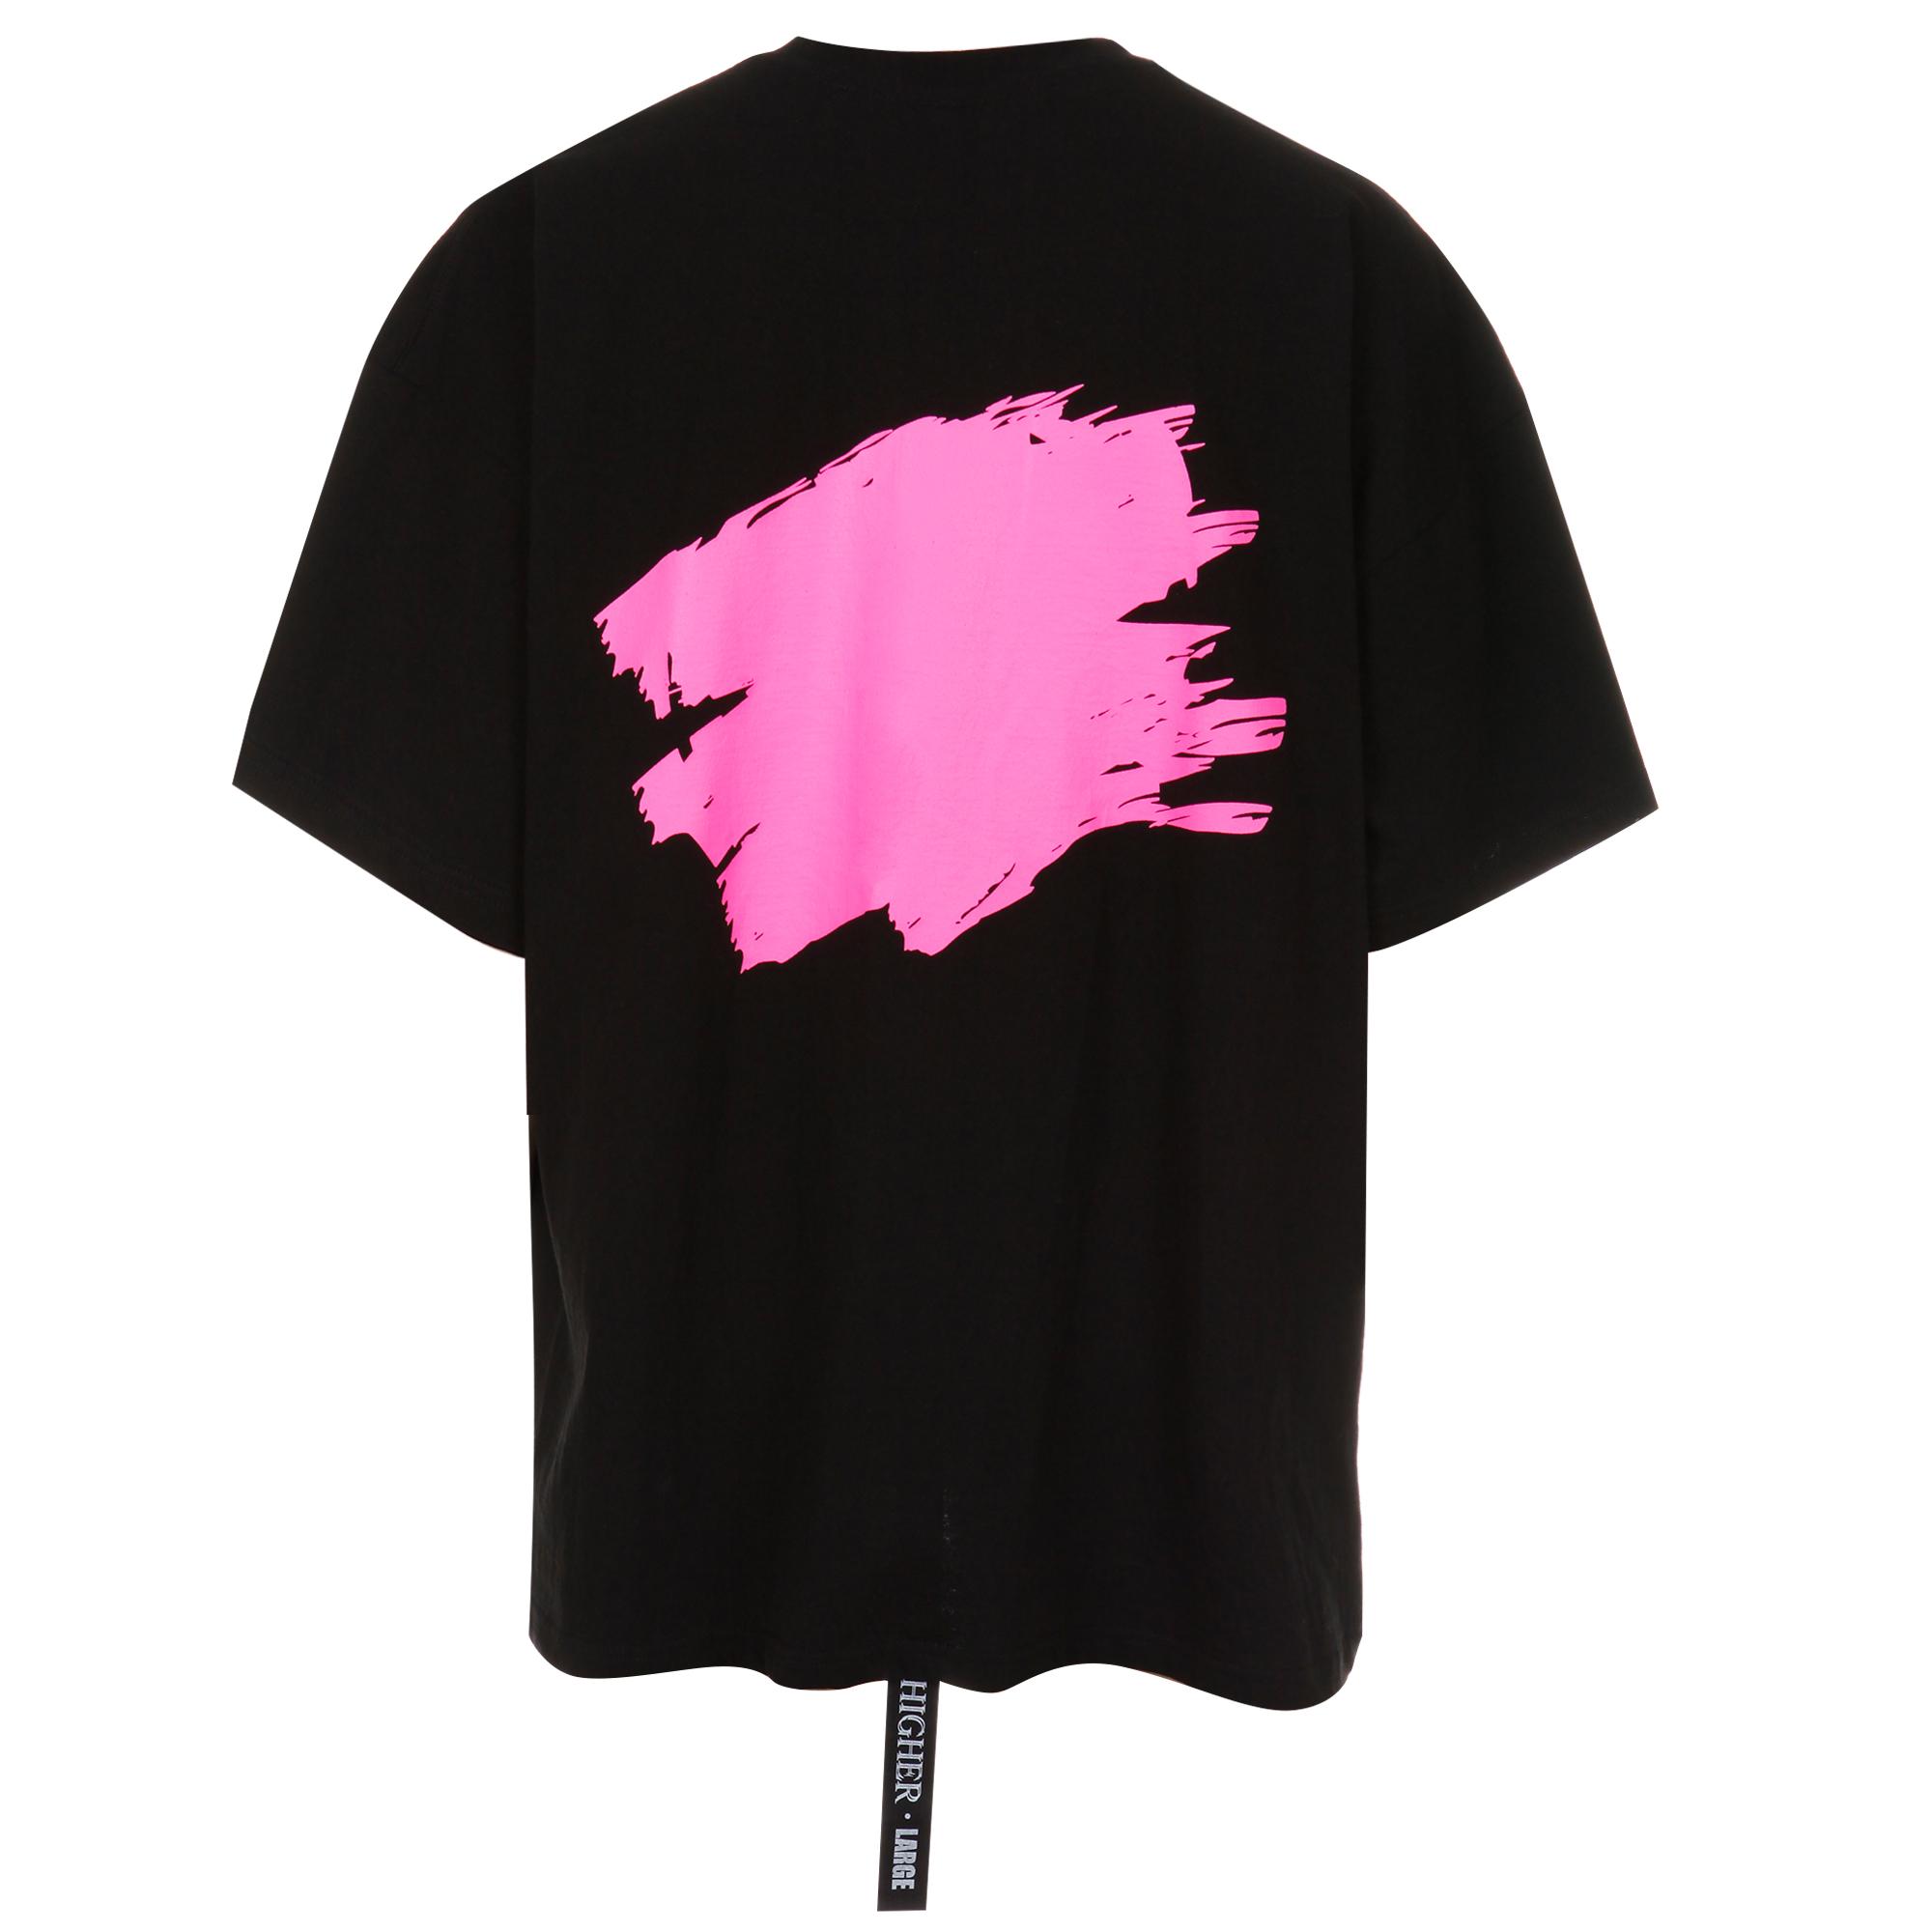 하이어 페인팅 티셔츠 / 핑크